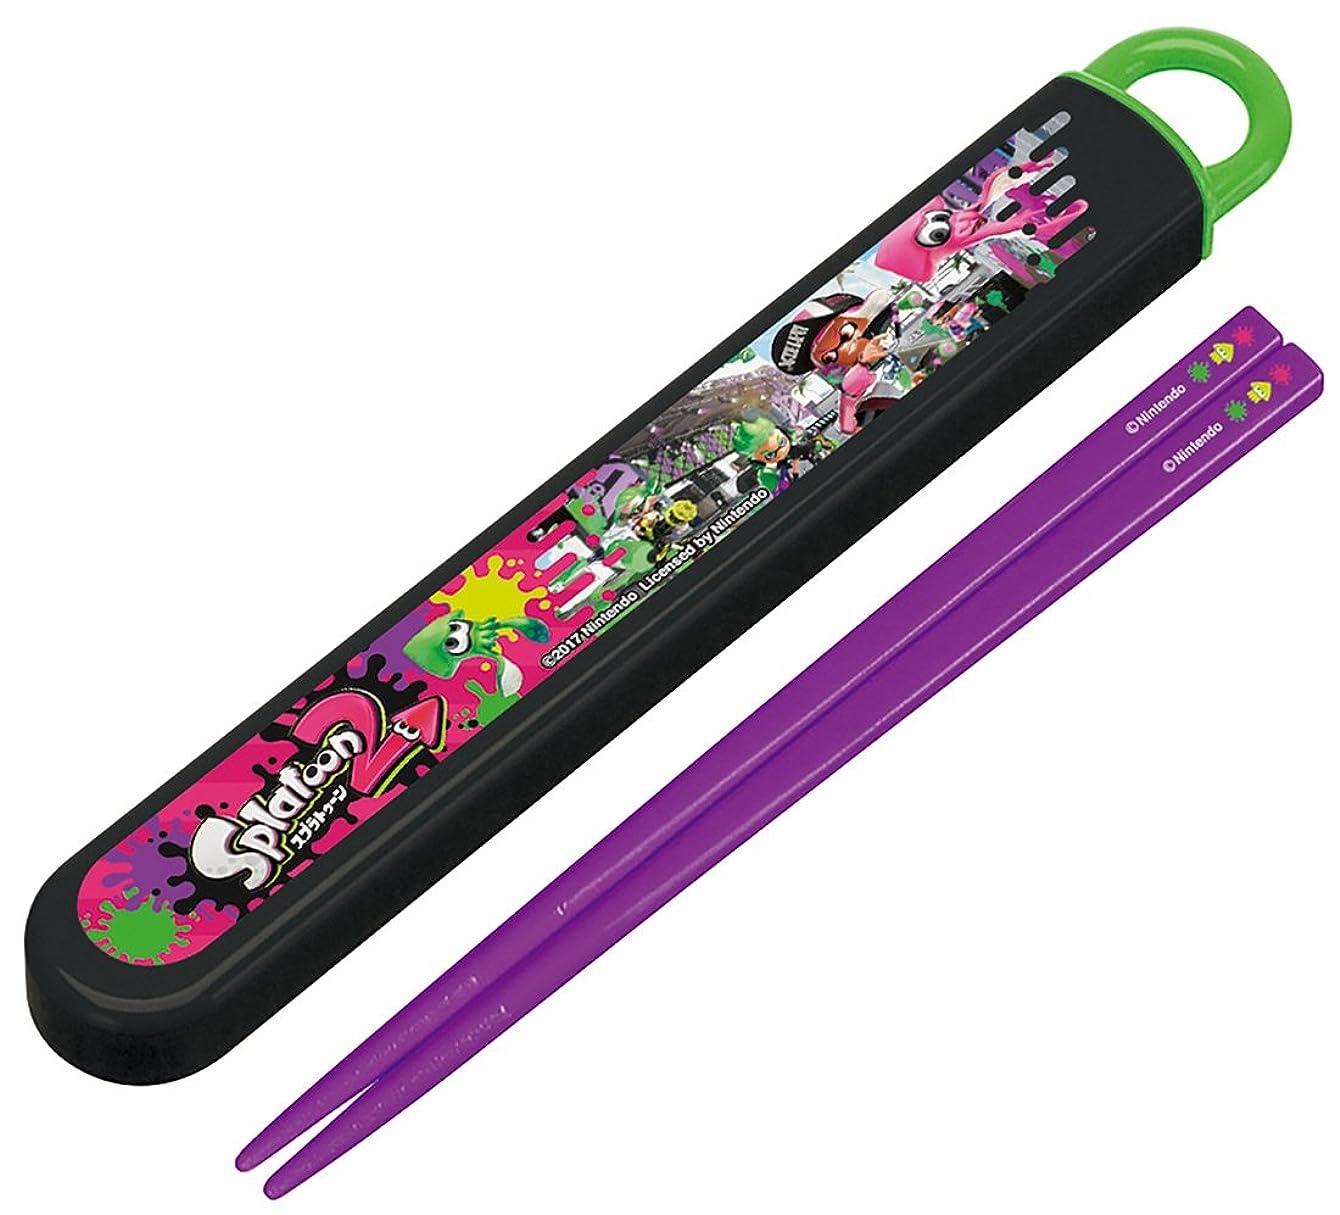 官僚価値のない感謝スケーター 子供用 箸 箸箱セット 16.5cm スプラトゥーン2 日本製 ABS2AM